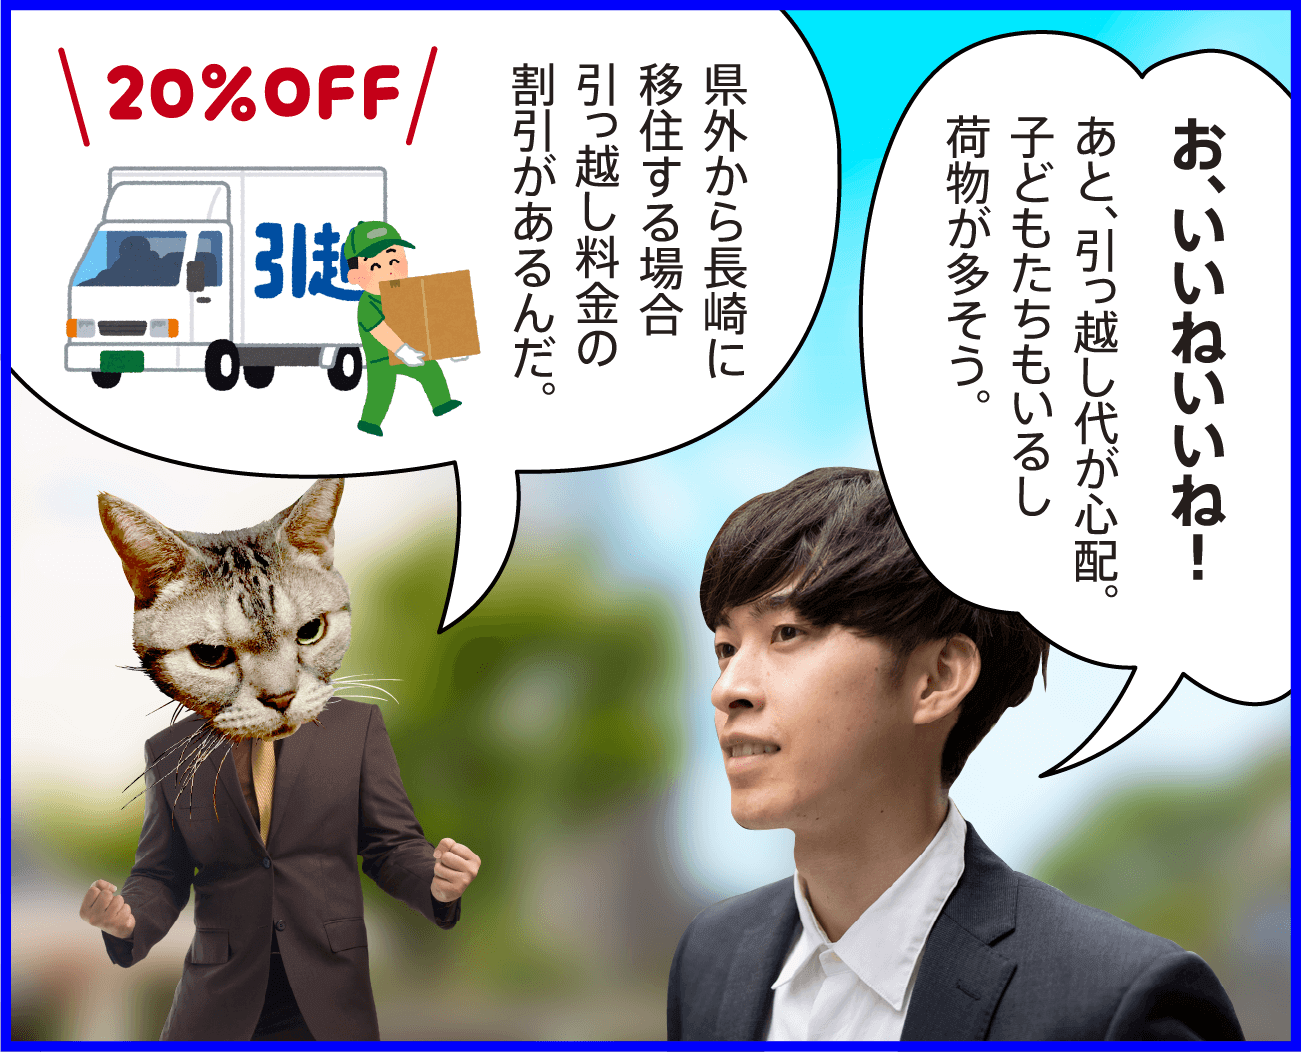 男性:お、いいねいいね!あと、引っ越し代が心配。子どもたちもいるし荷物が多そう。 猫:県外から長崎に移住する場合引っ越し料金の割引があるんだ。